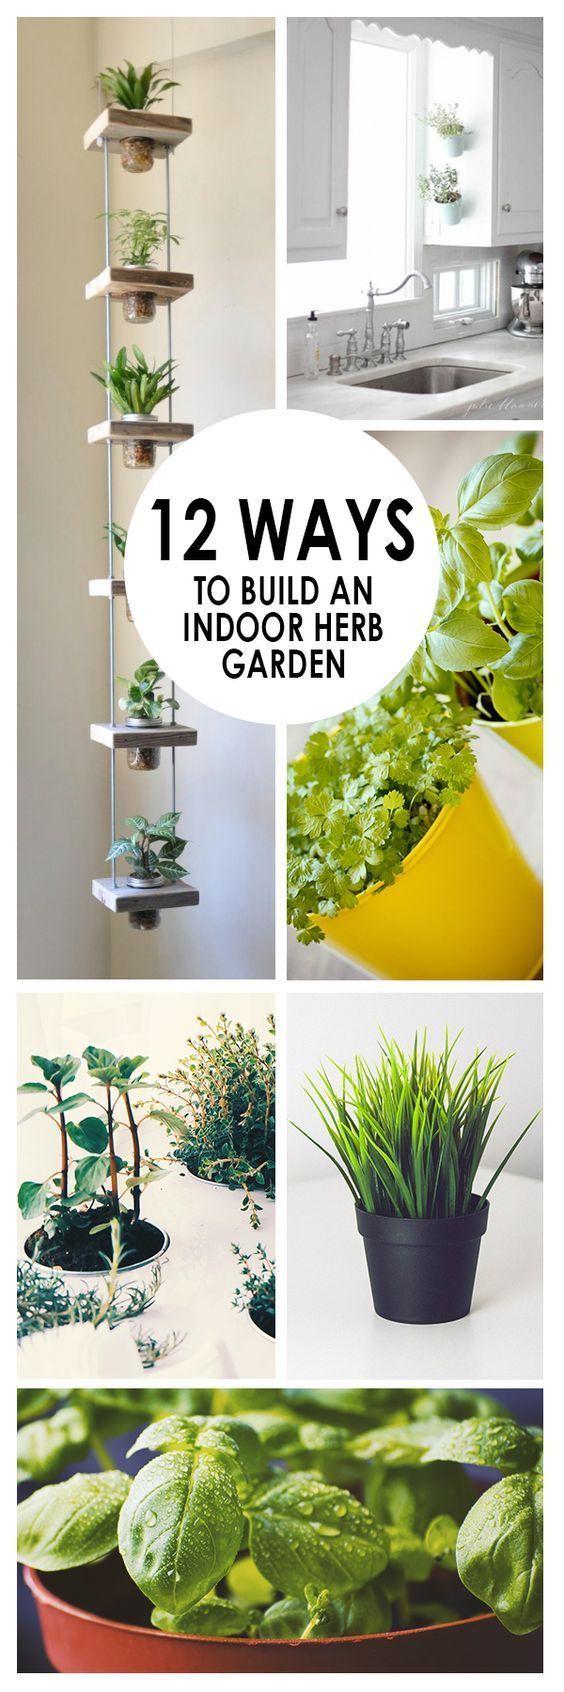 12 ways to build an indoor herb garden gardening indoor vegetable gardening herbs indoors. Black Bedroom Furniture Sets. Home Design Ideas